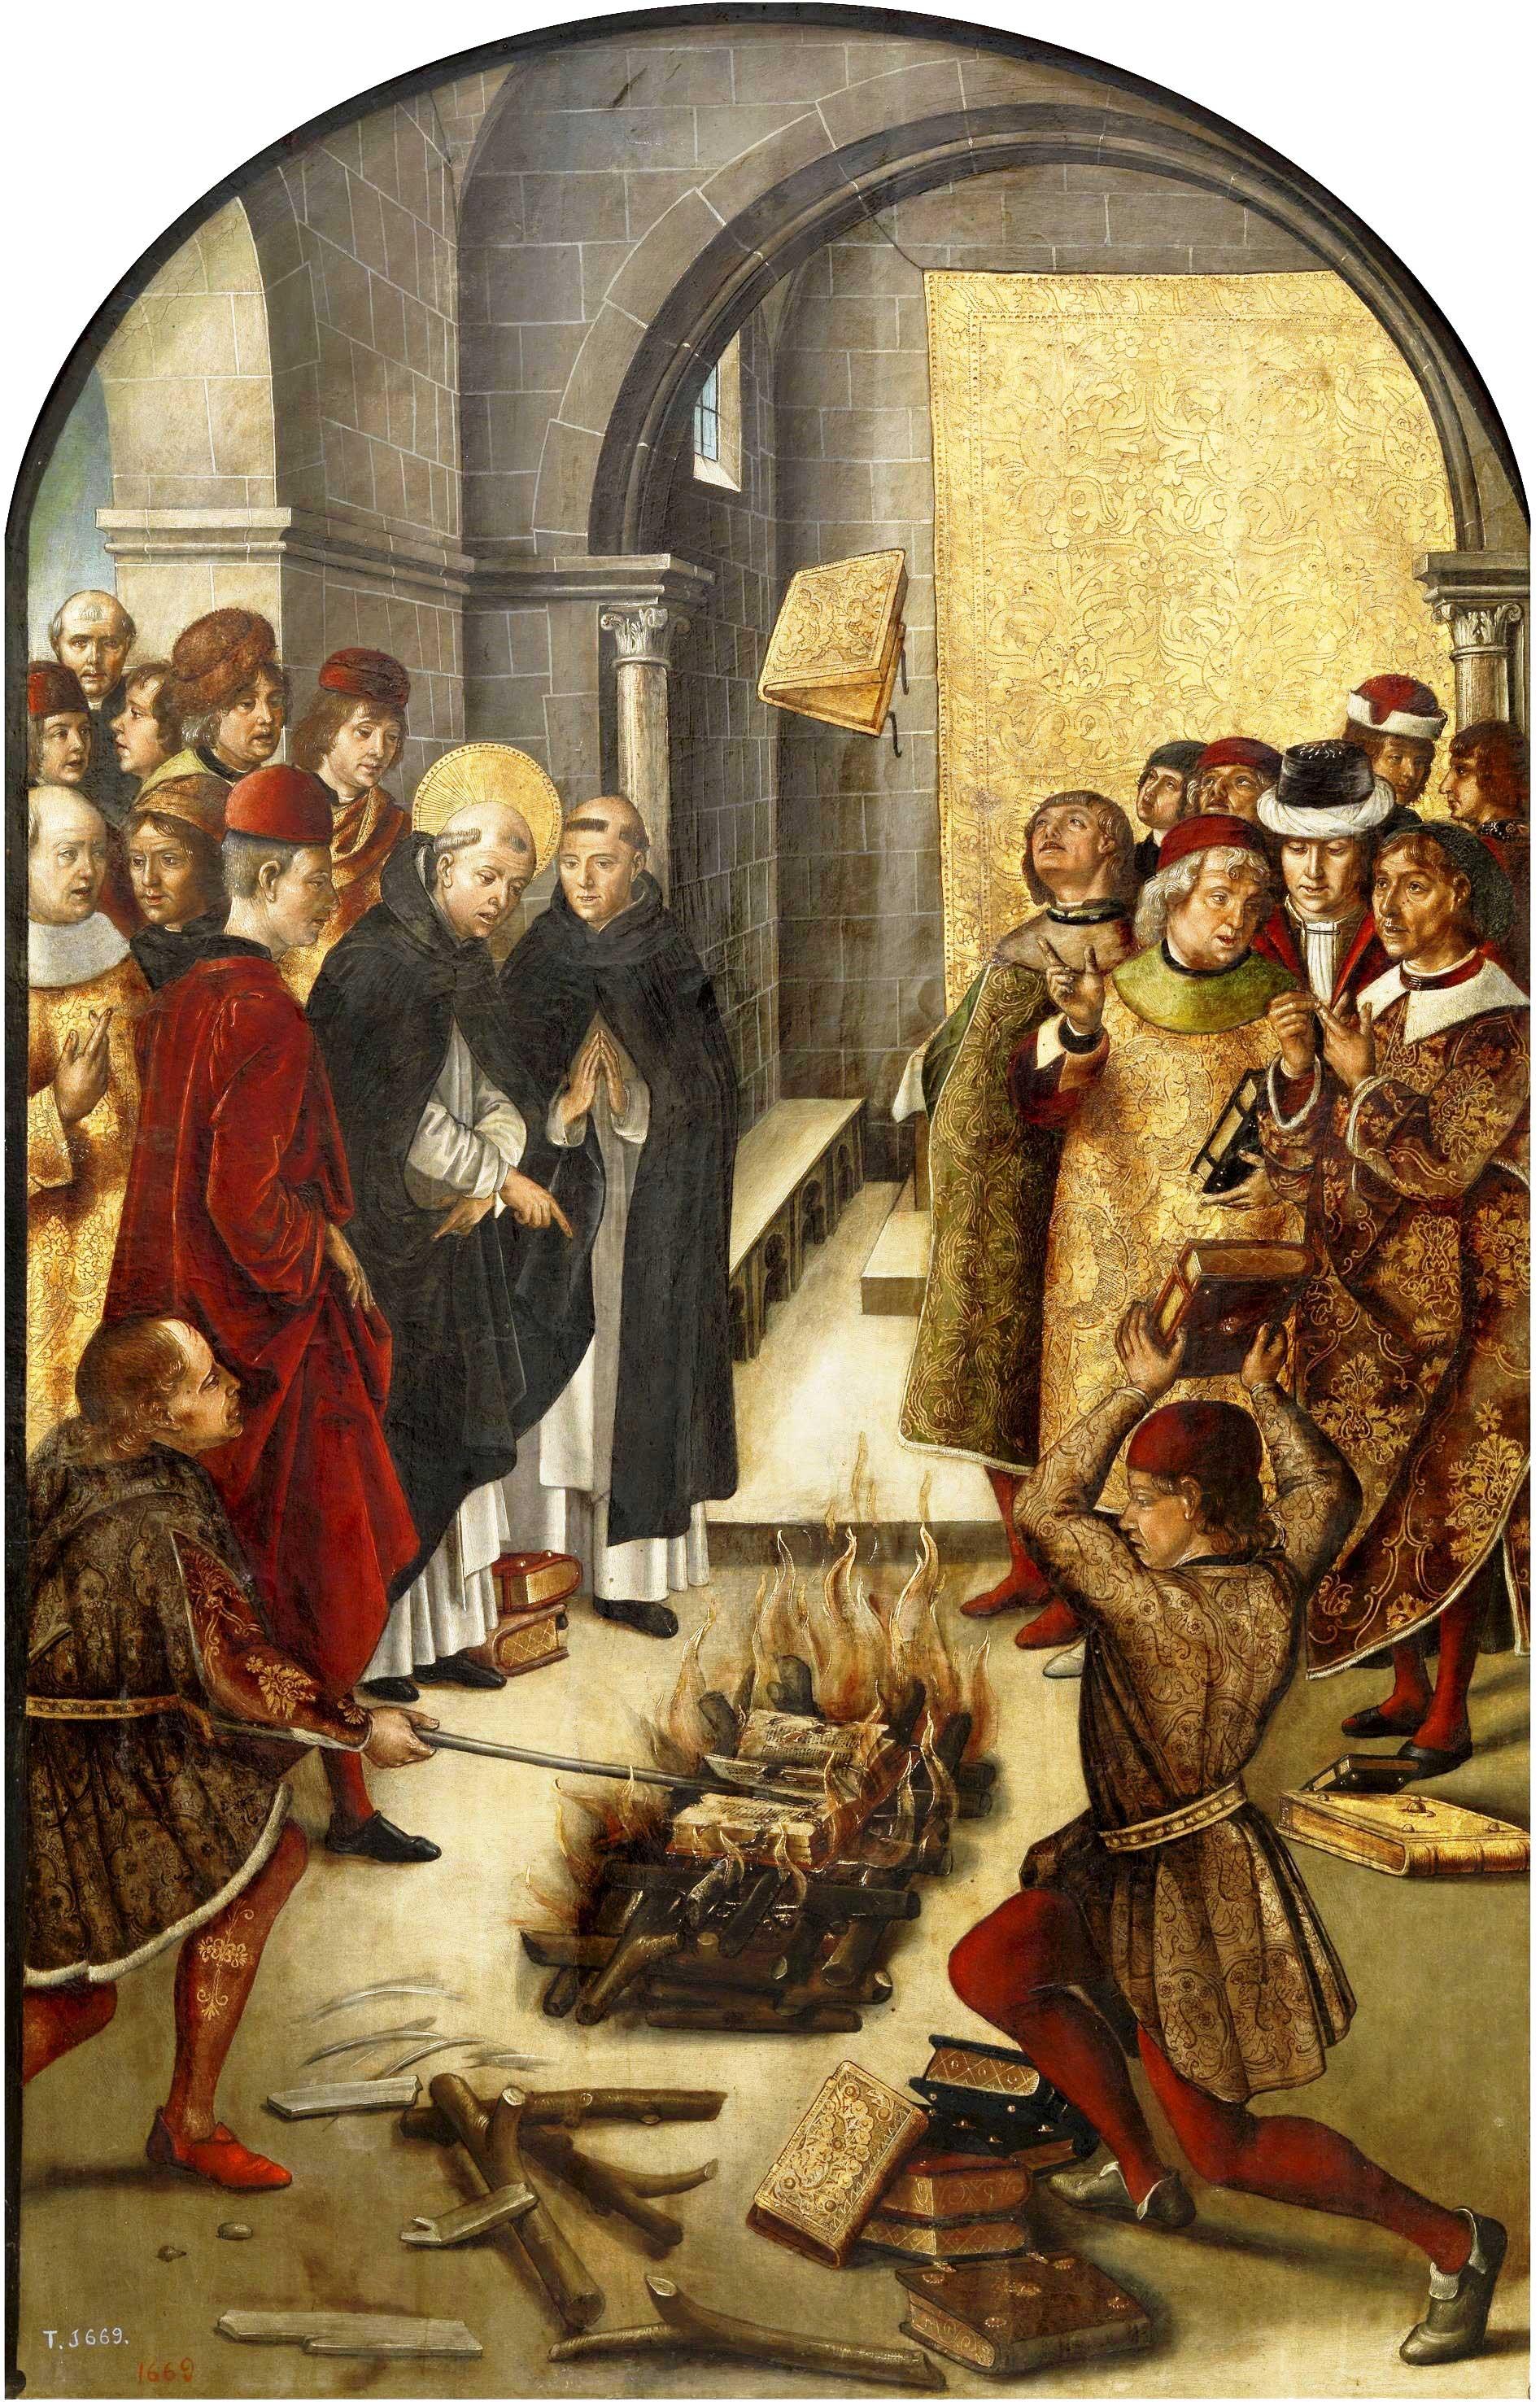 Un altro falò delle vanità (San Domenico e gli Albigensi) è ricordato nel dipinto del pittore spagnolo Pedro Berruguete